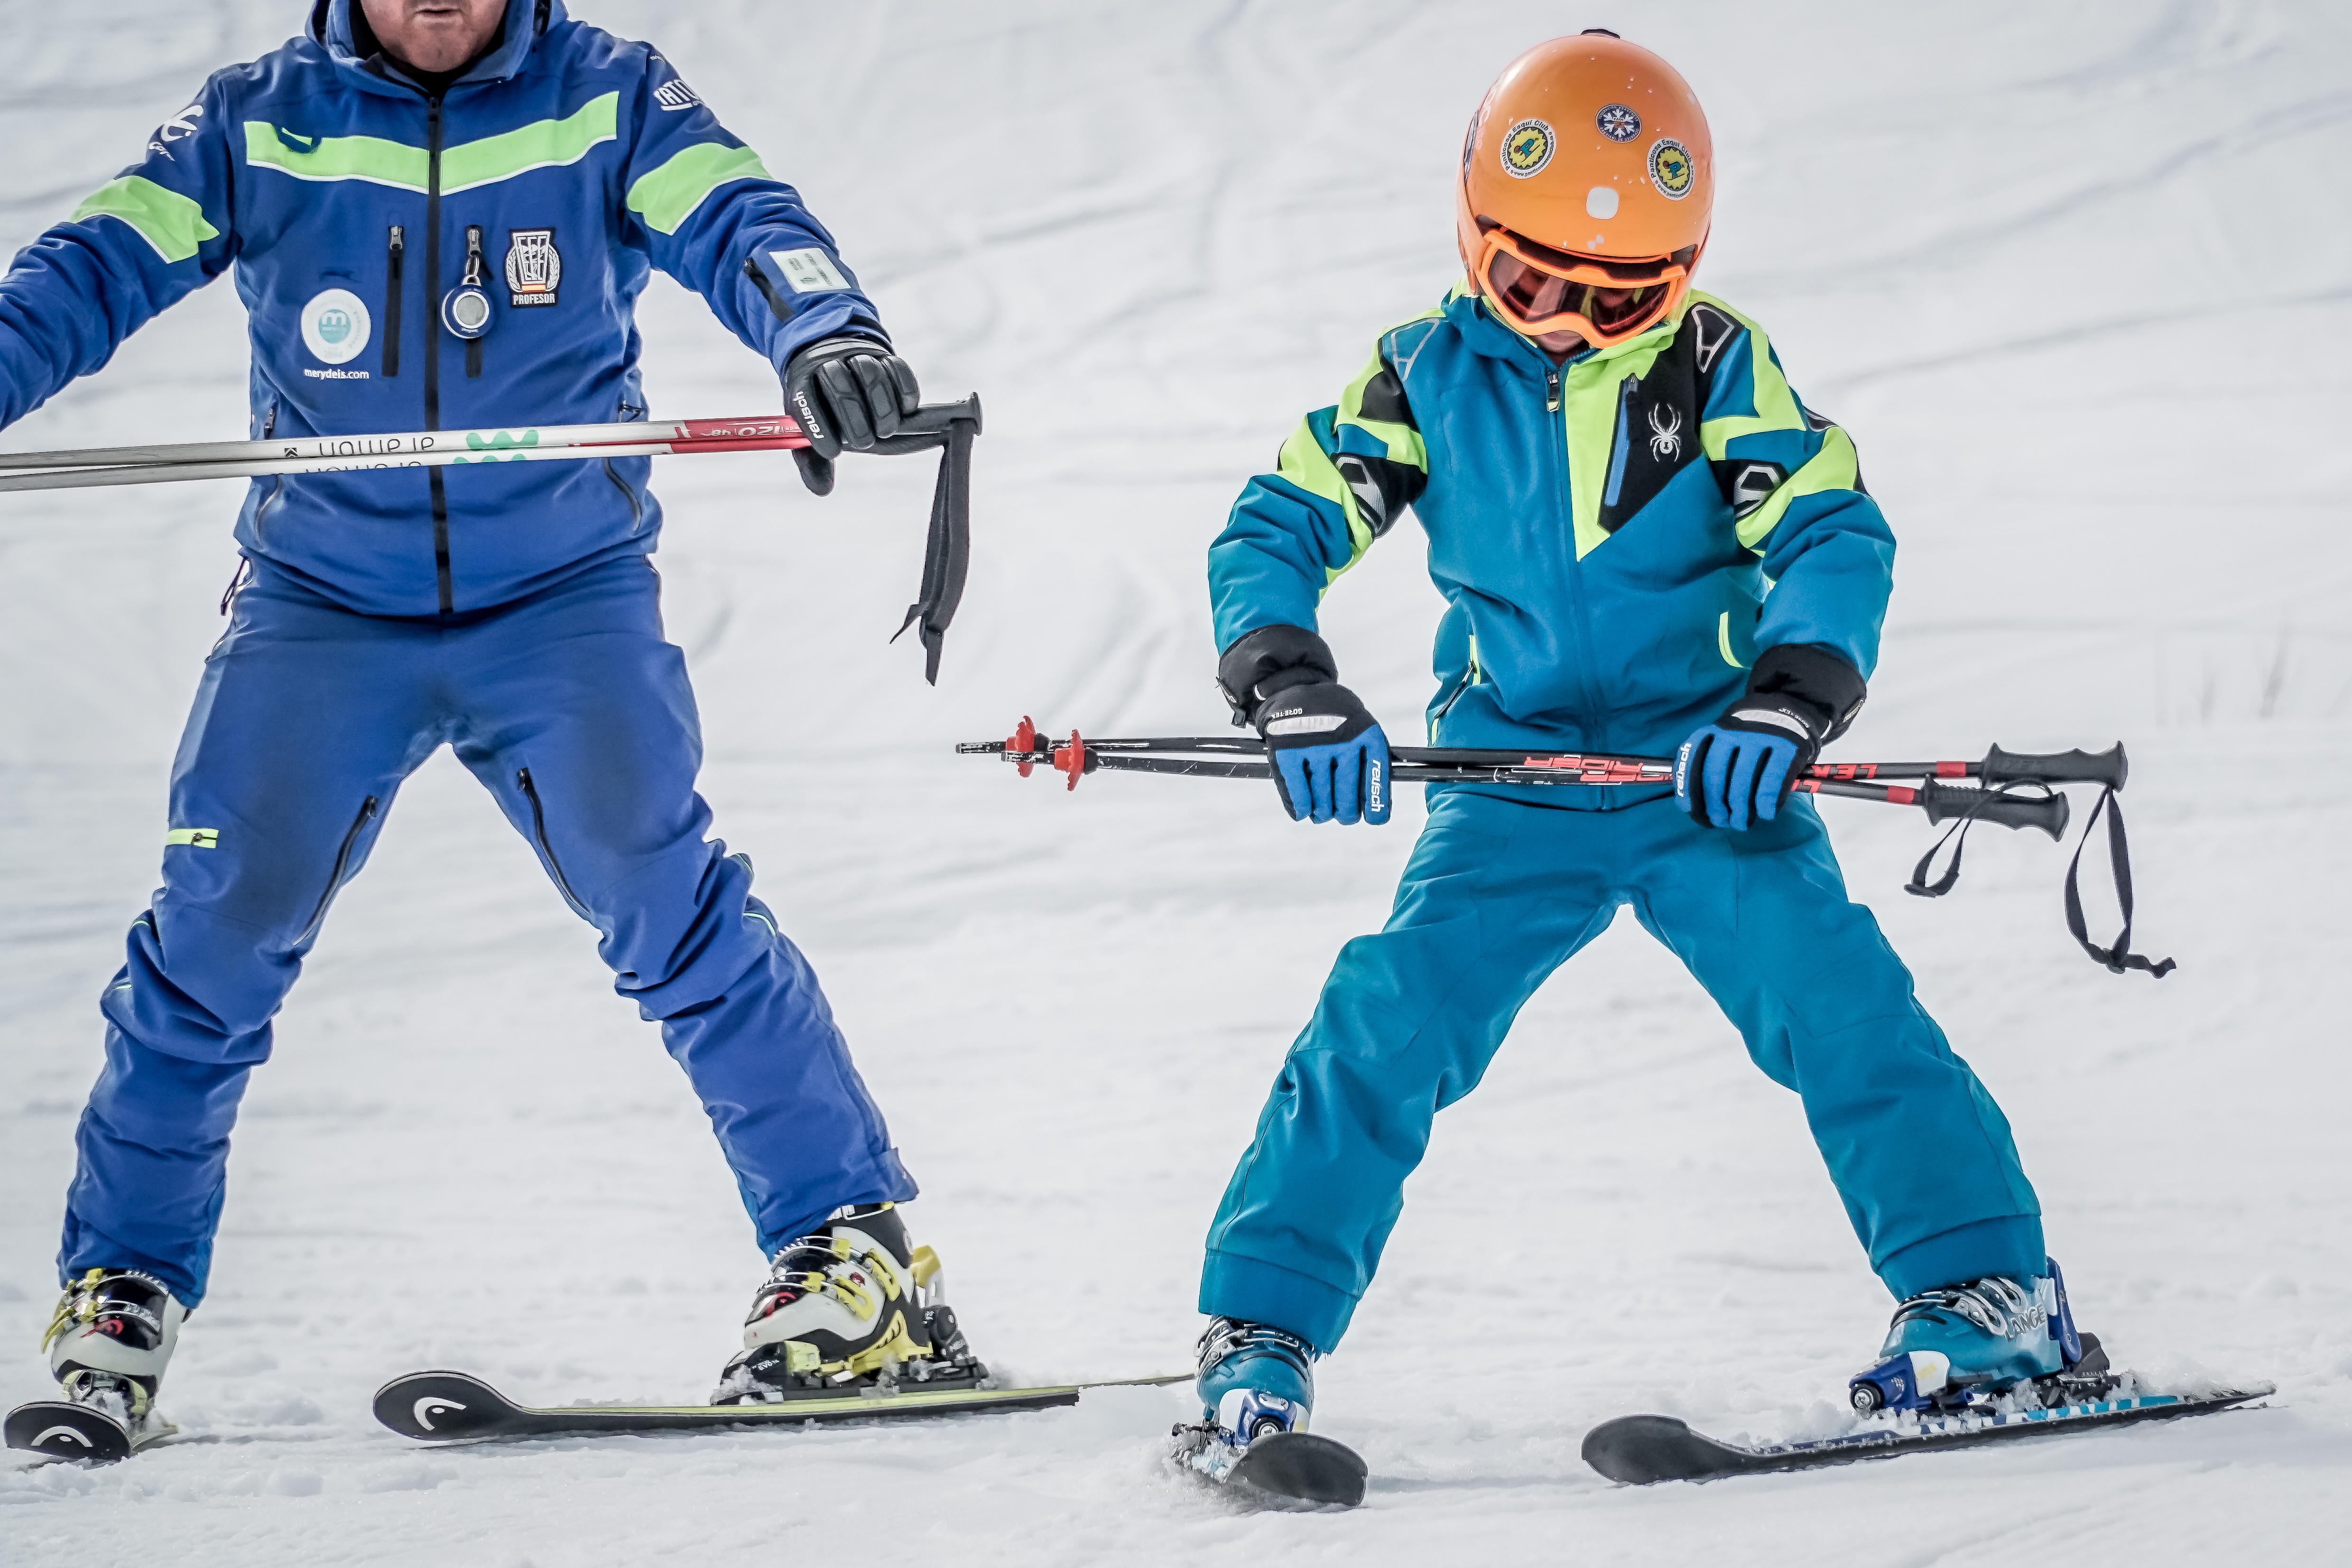 Consejos para esquiar para principiantes